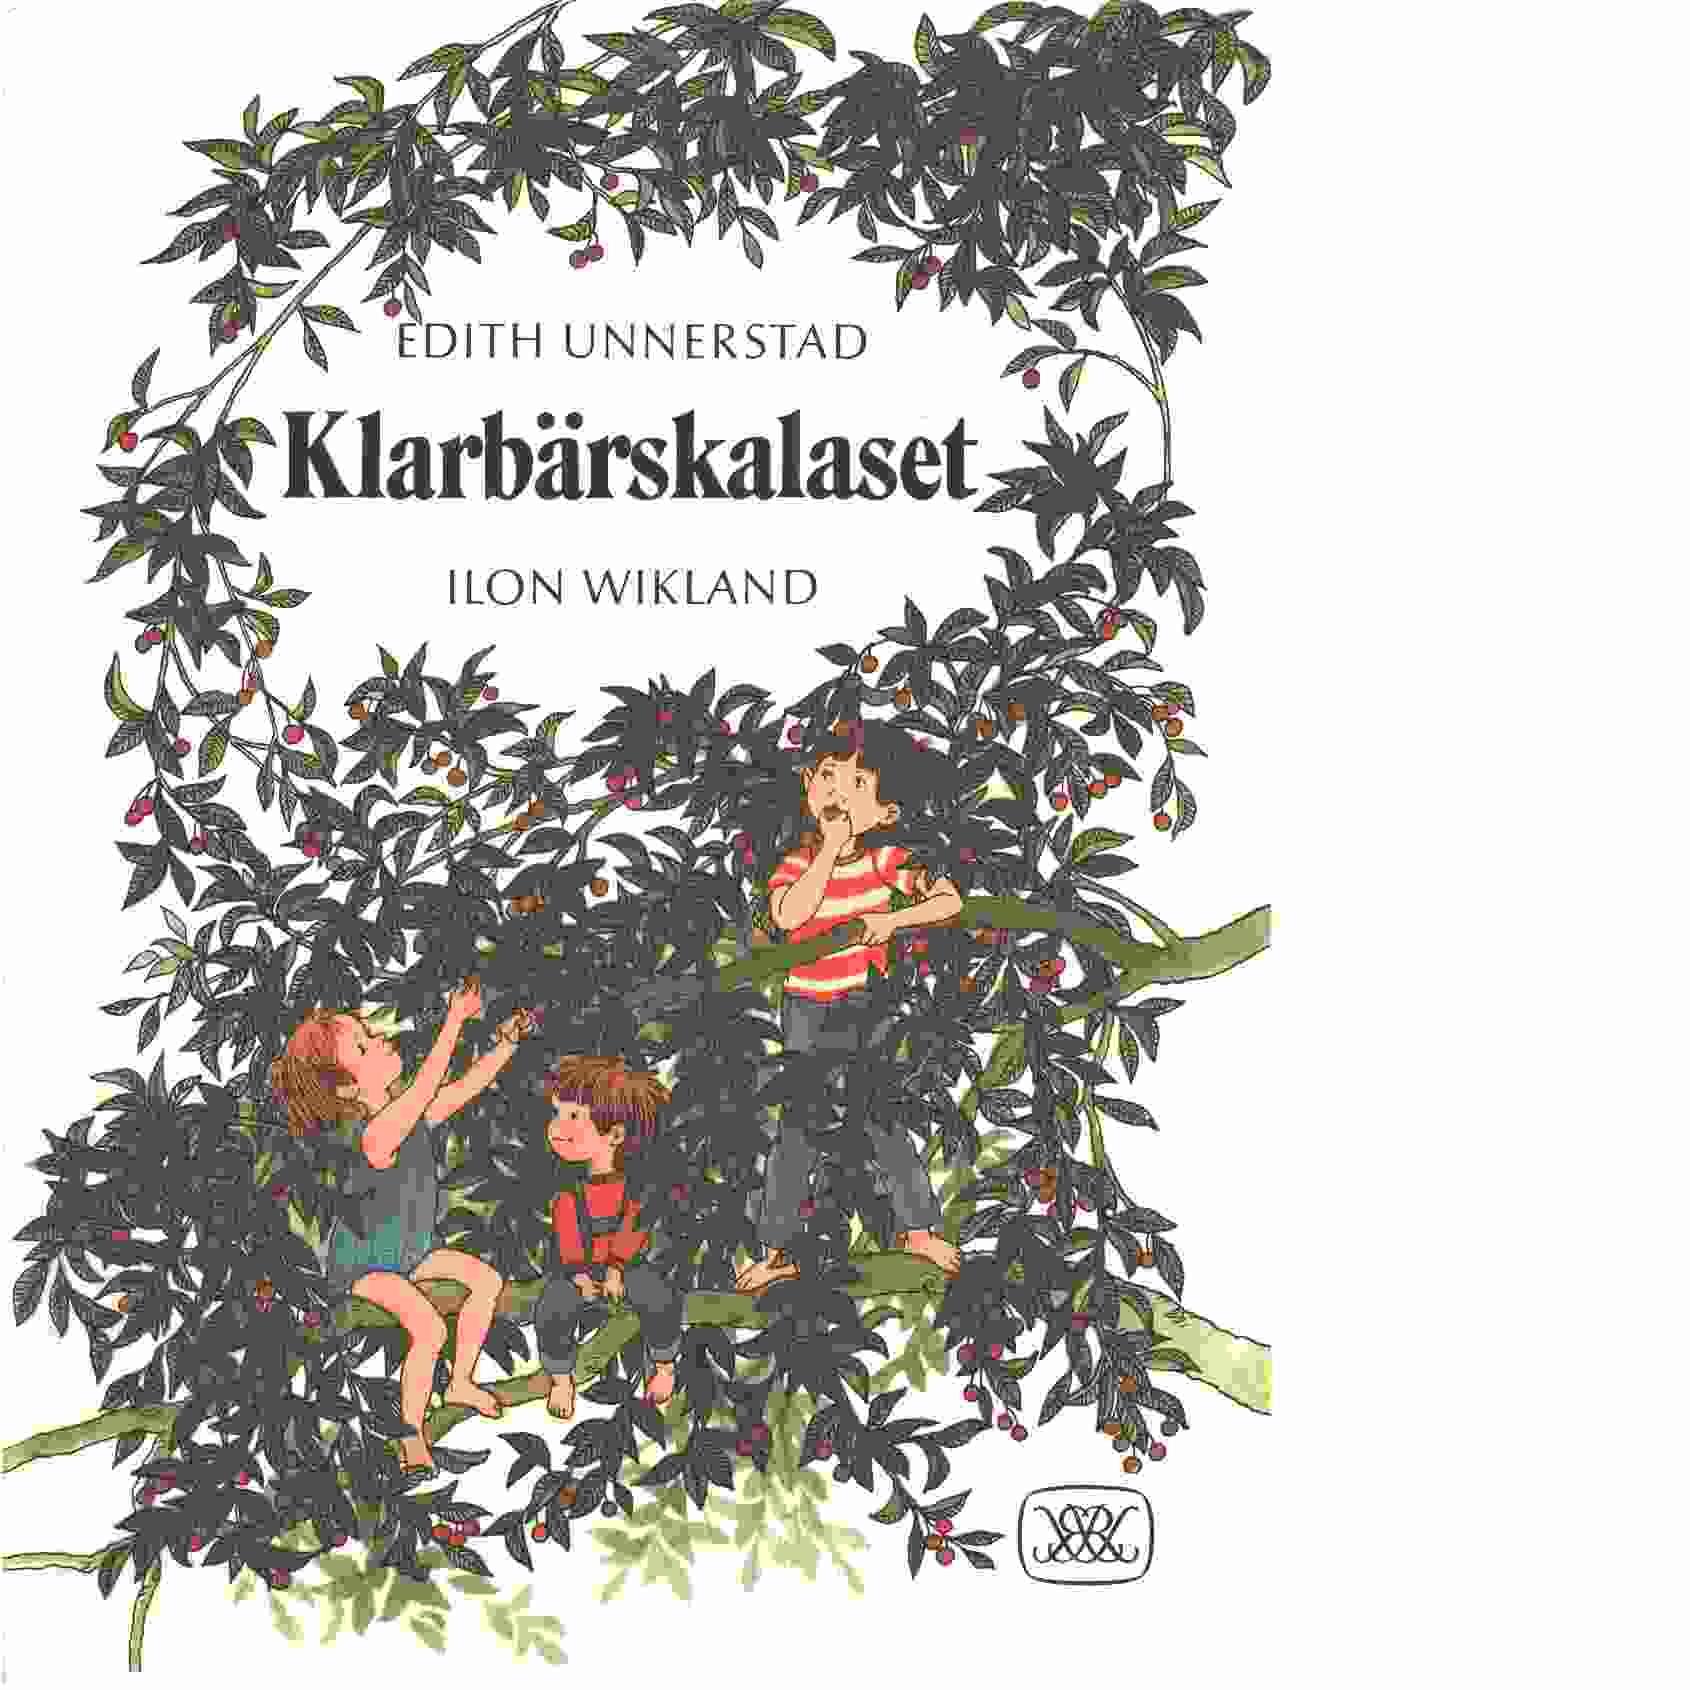 Klarbärskalaset - Unnerstad, Edith och Wikland, Ilon